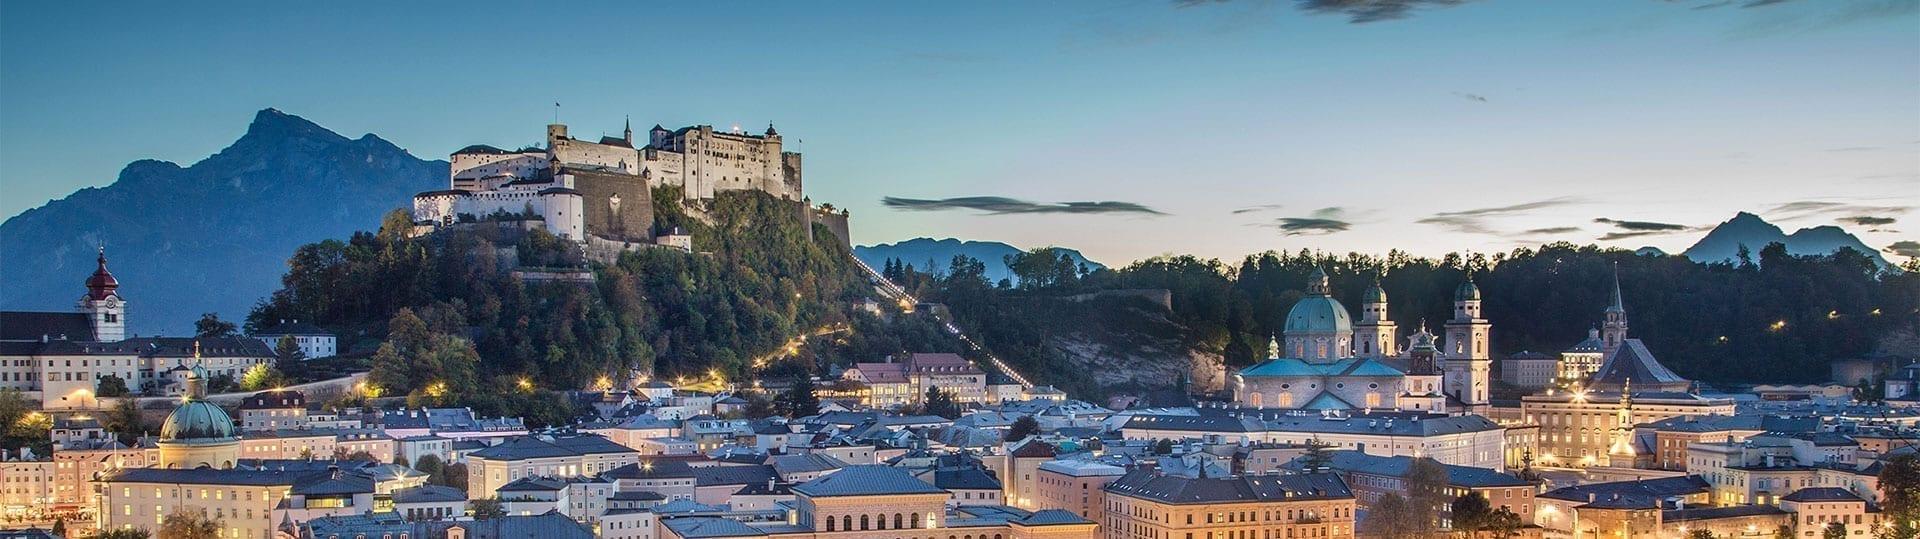 Ausflugsziel Stadt Salzburg, Österreich